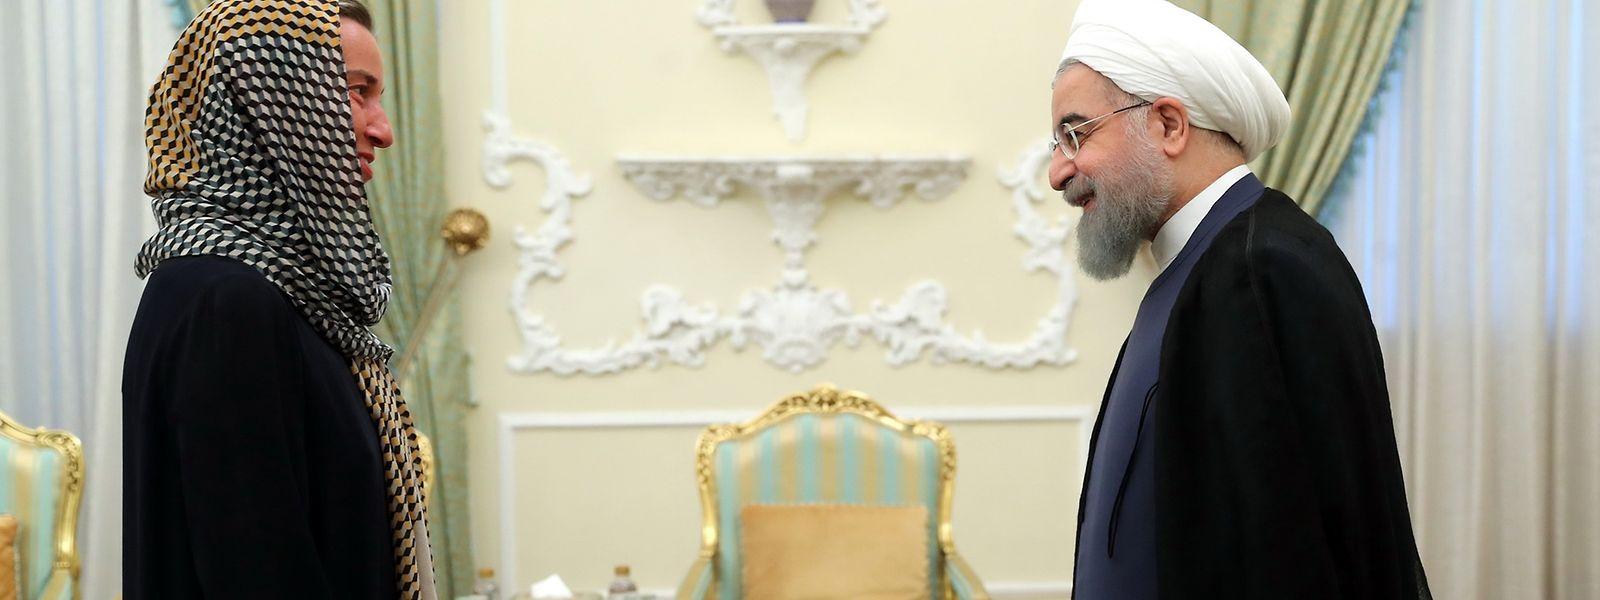 EU-Außenbeauftragten Federica Mogherini und Irans Präsident Hassan Rouhani.